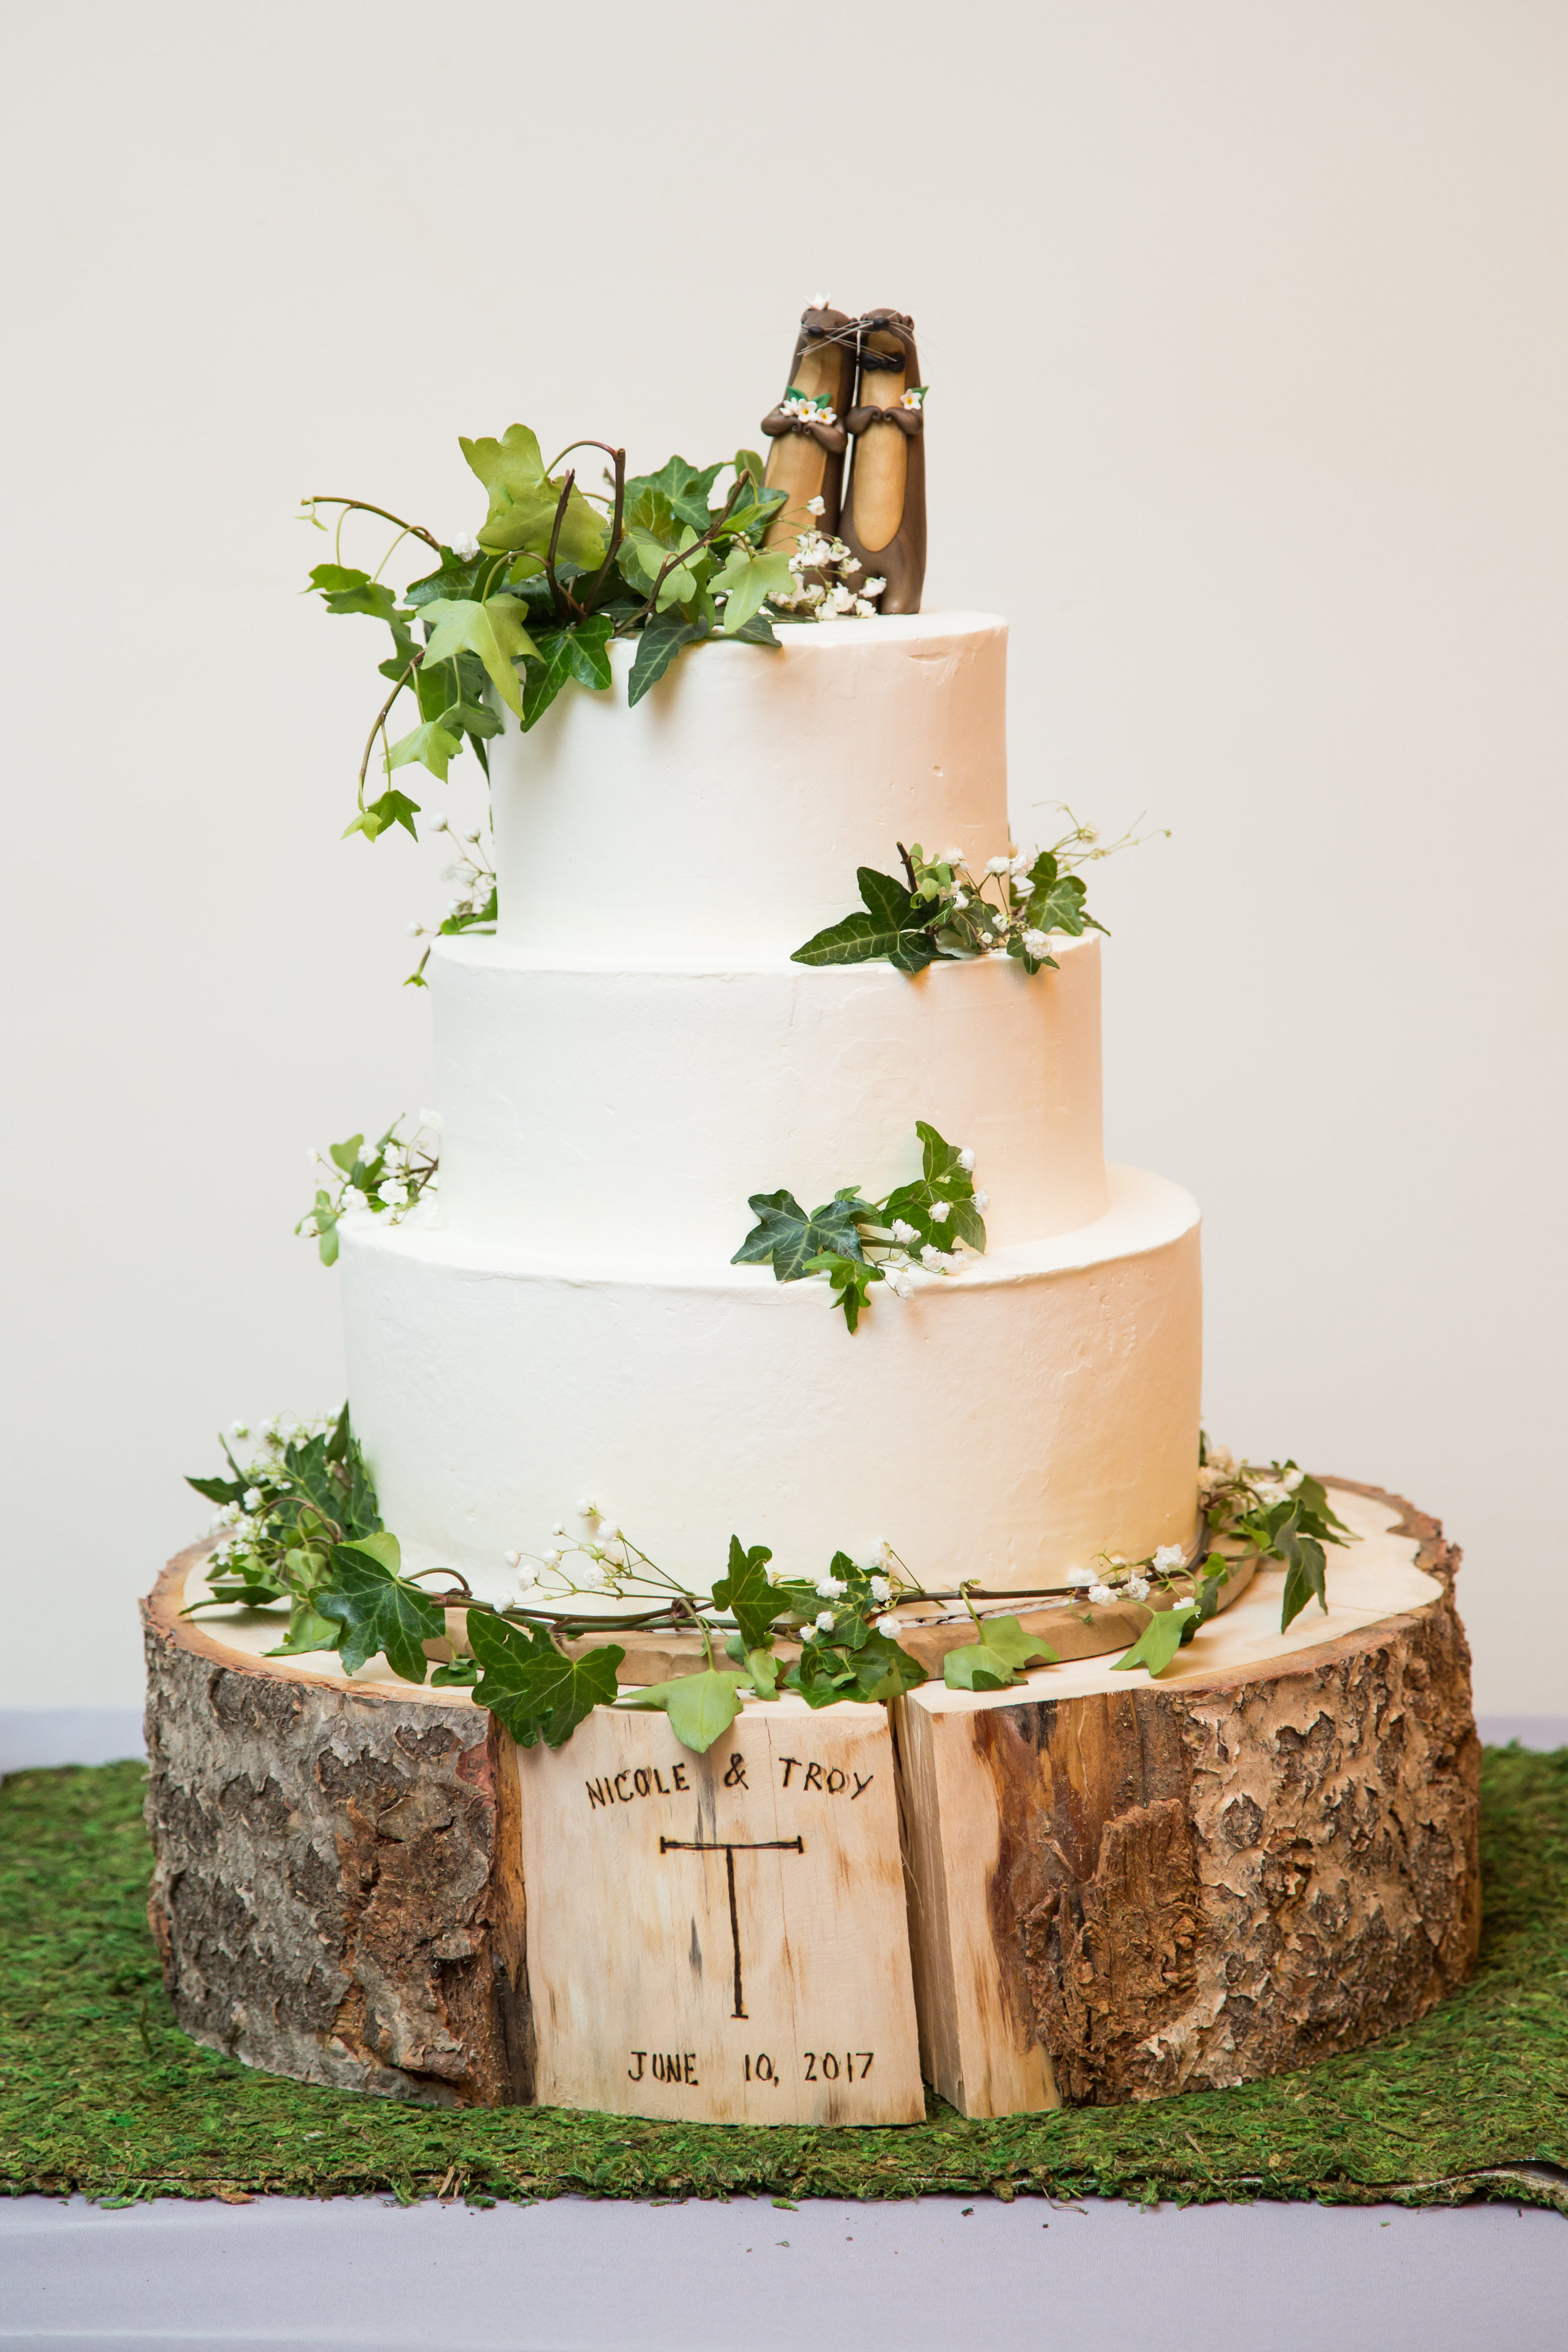 nicole and troy wedding cake 1.jpg